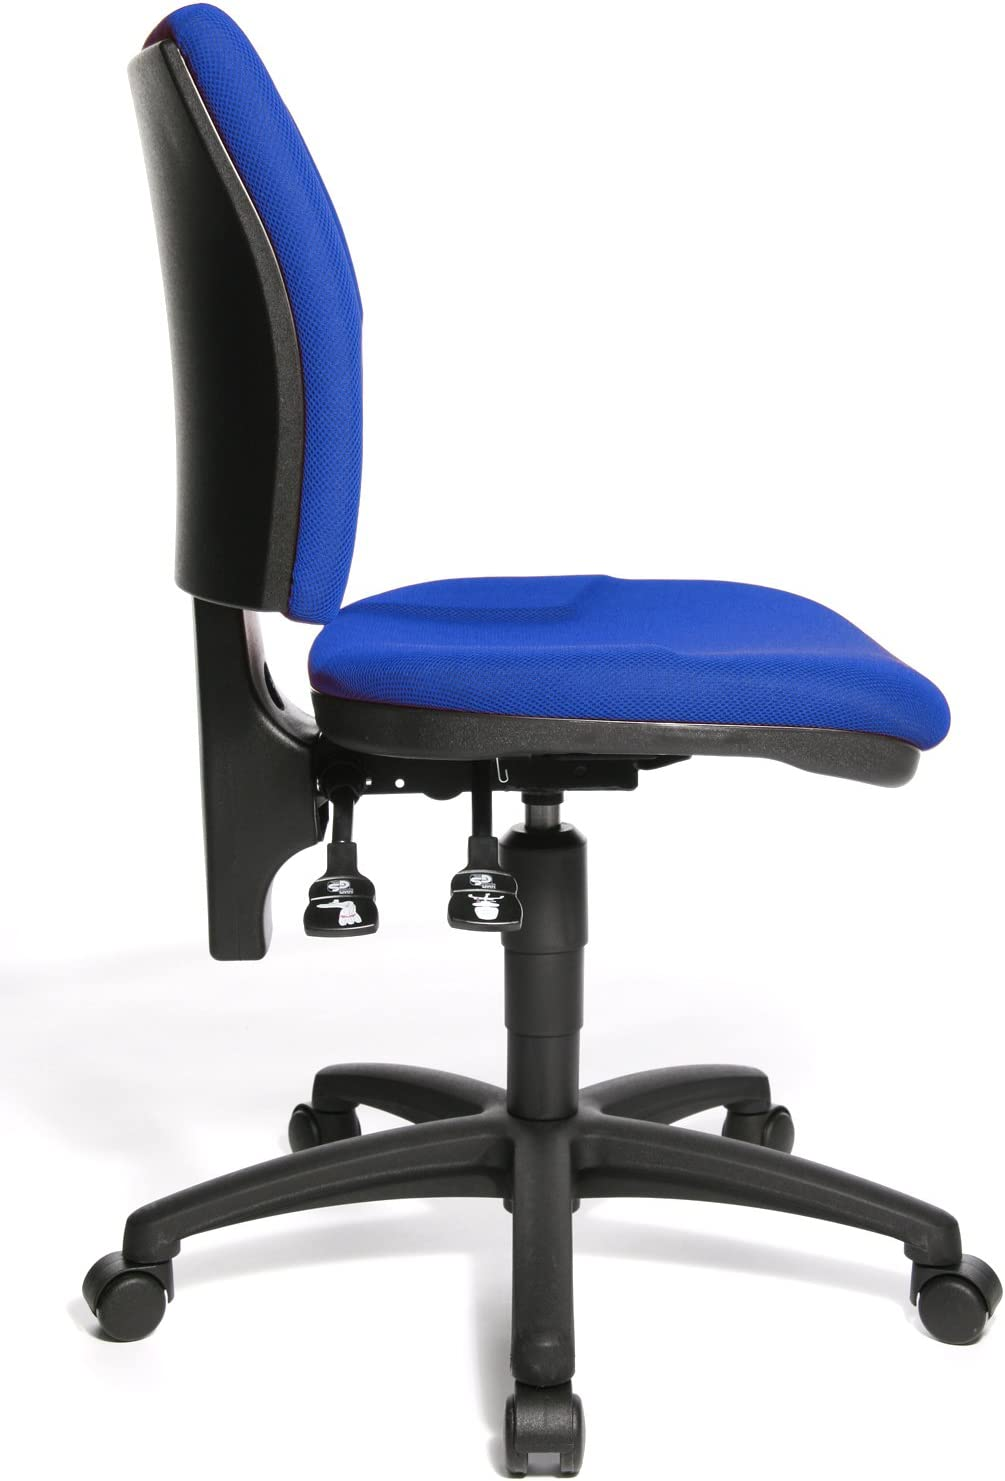 Chaise de bureau-u50 Orange Bleu